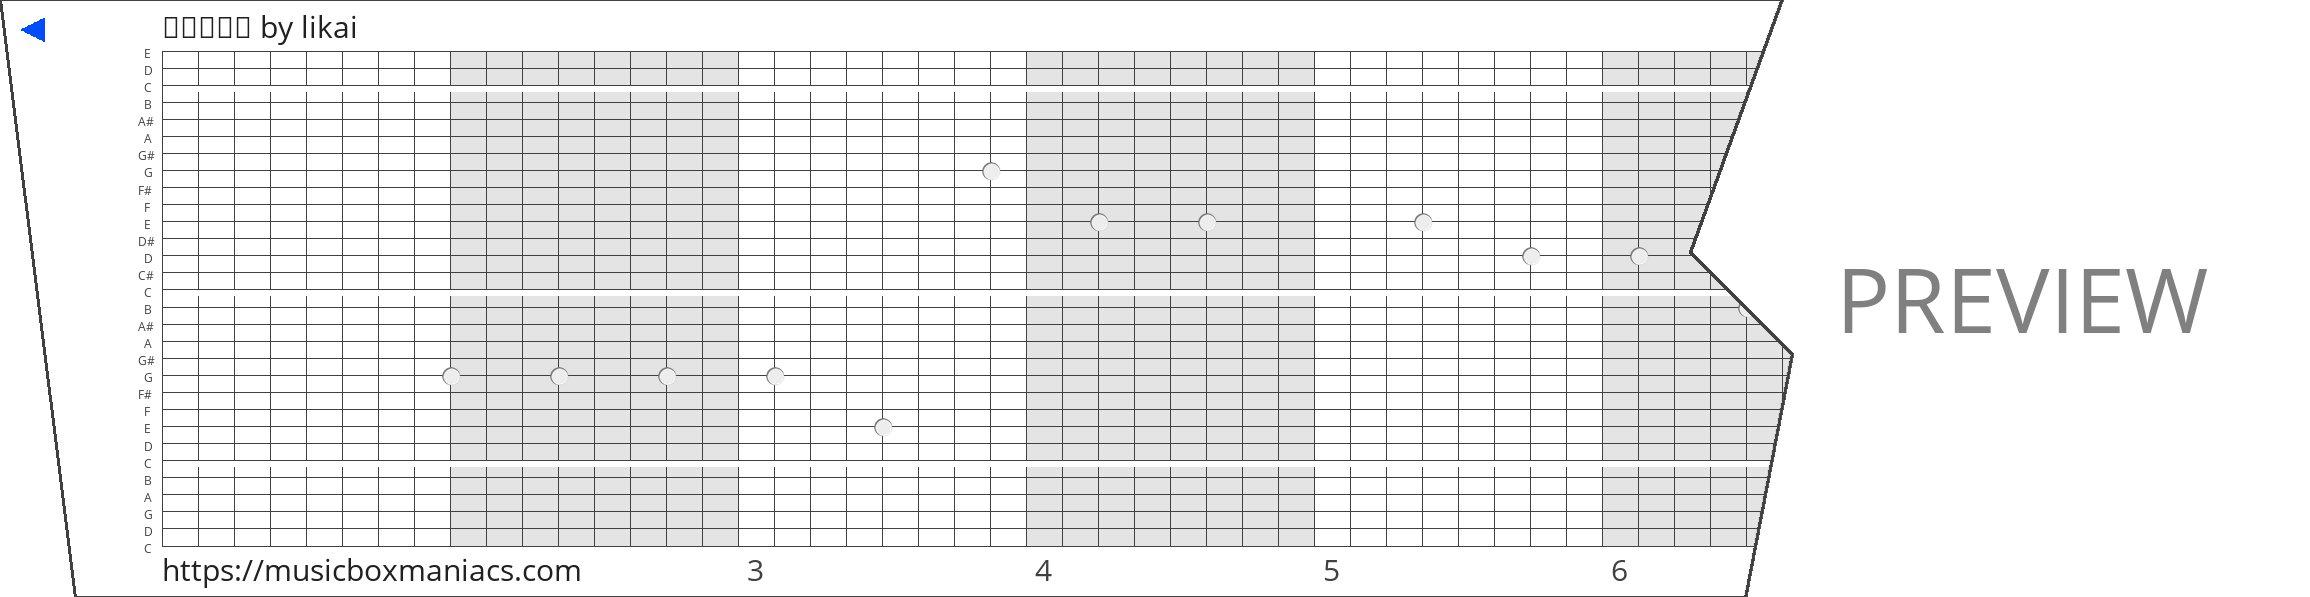 刚好遇见你 30 note music box paper strip